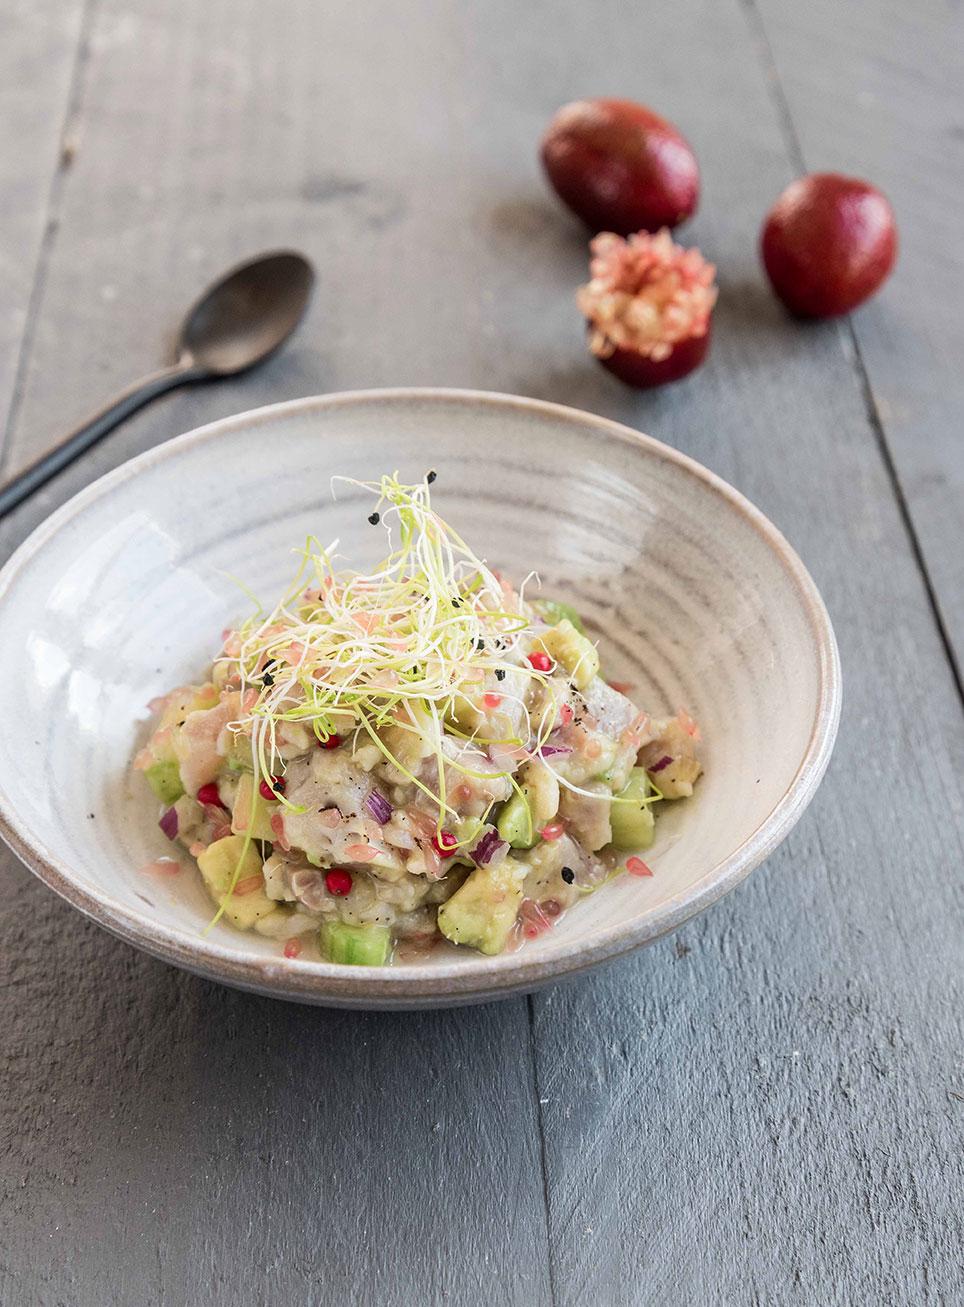 tartare-de-daurade-aux-agrumes-blood-lime-et-vanille_moncitroncaviar.com_fruits_at_home